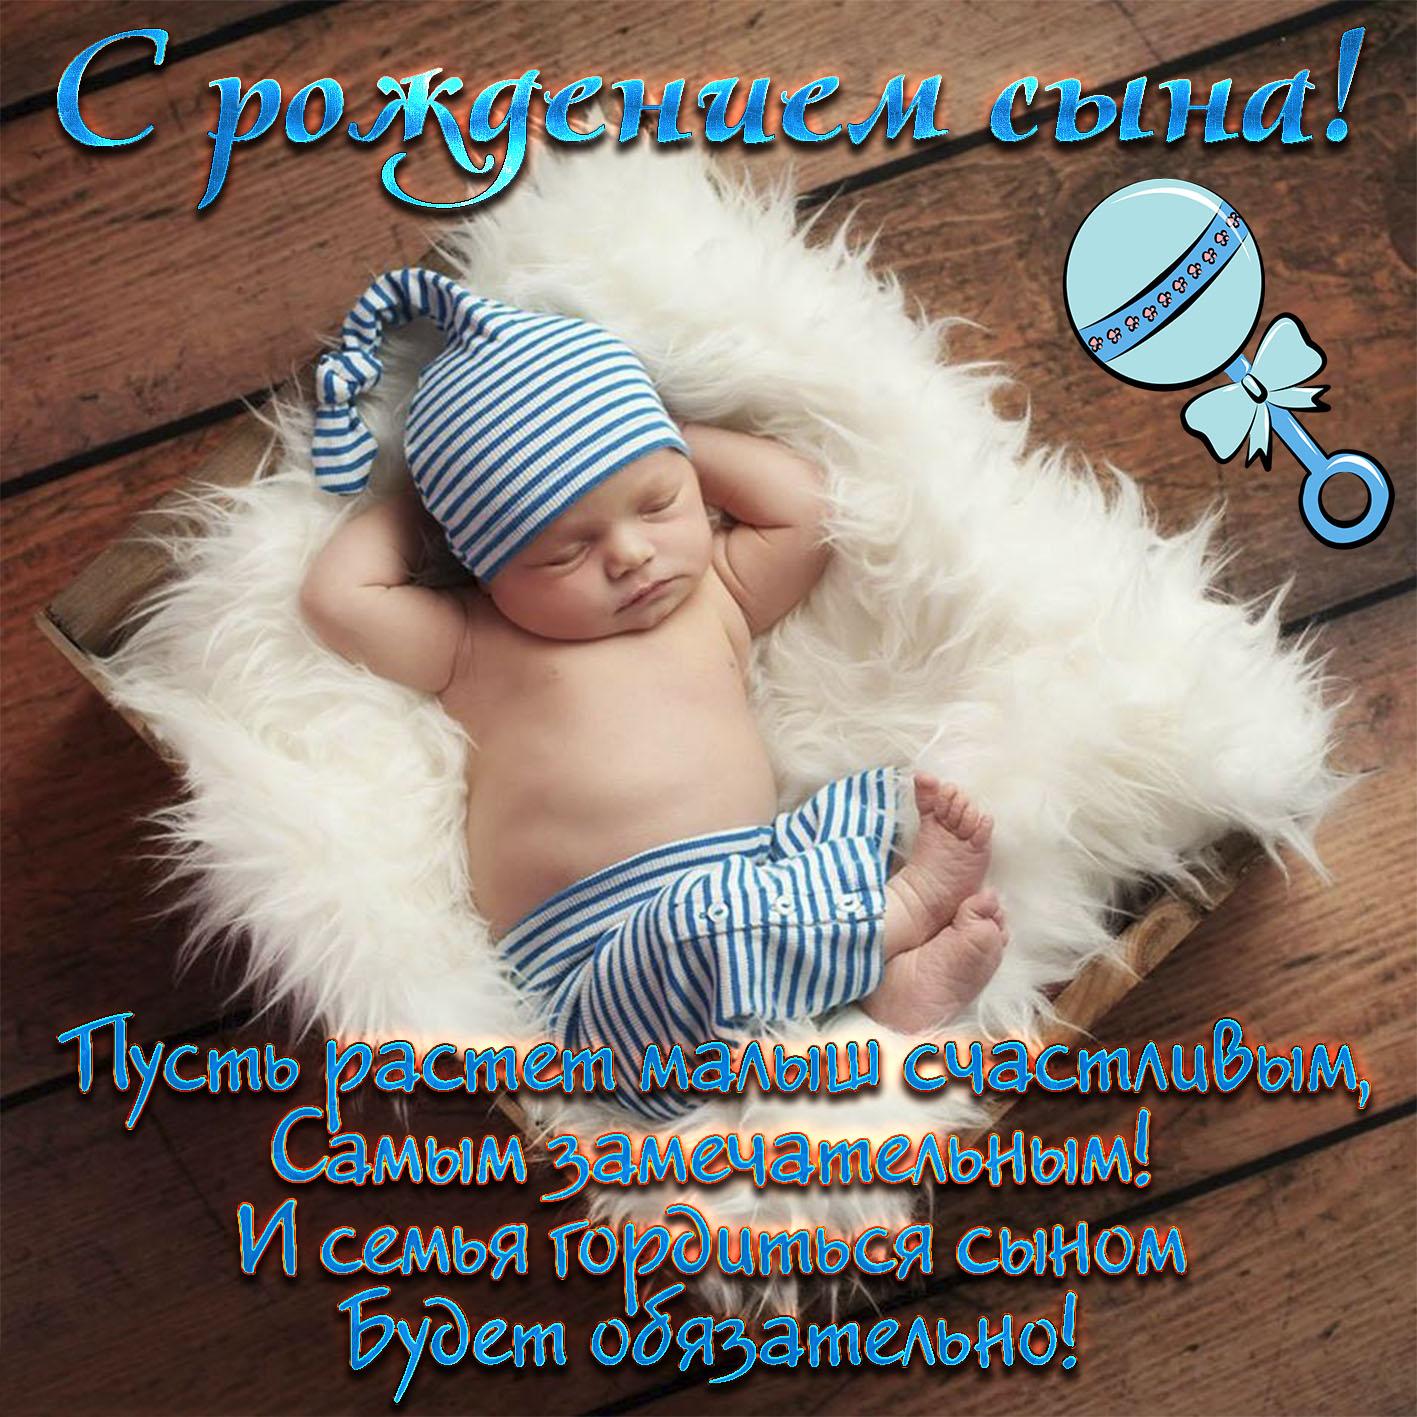 Поздравления брату с рождением сына 2 года